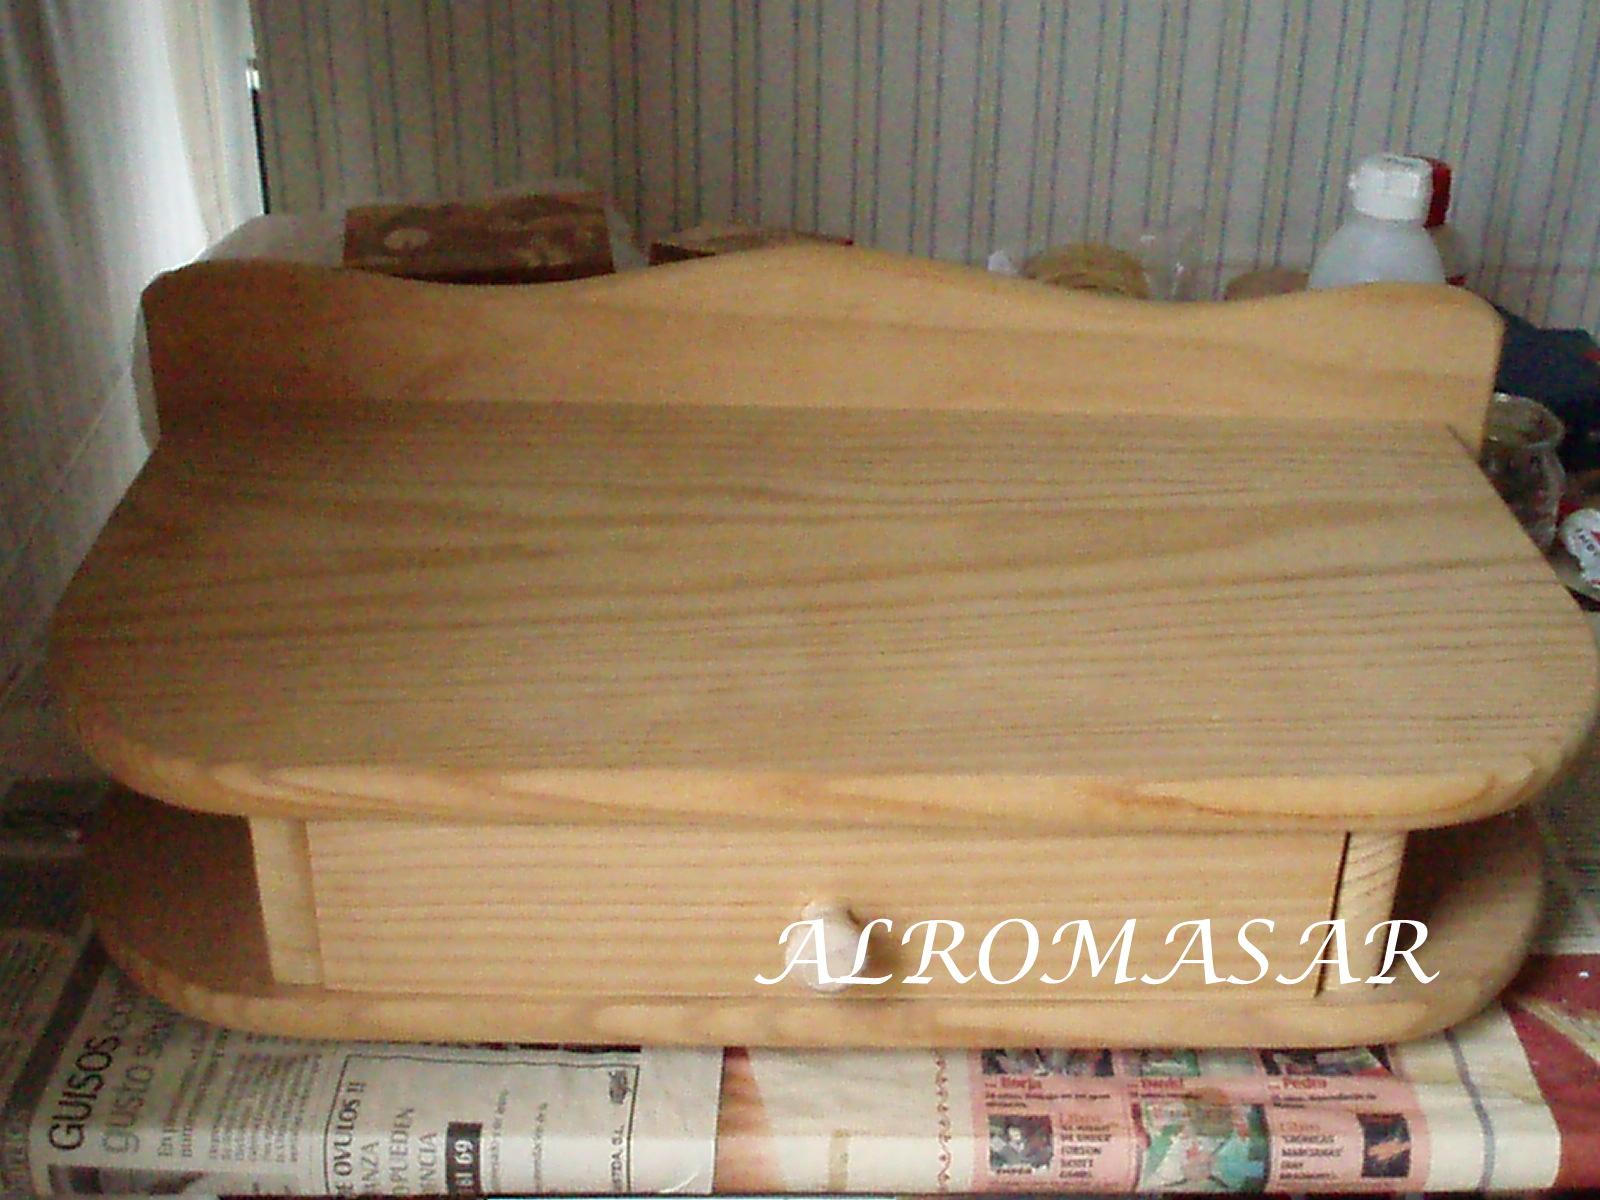 Alromasar trabajos sobre muebles en crudo - Muebles en crudo sevilla ...